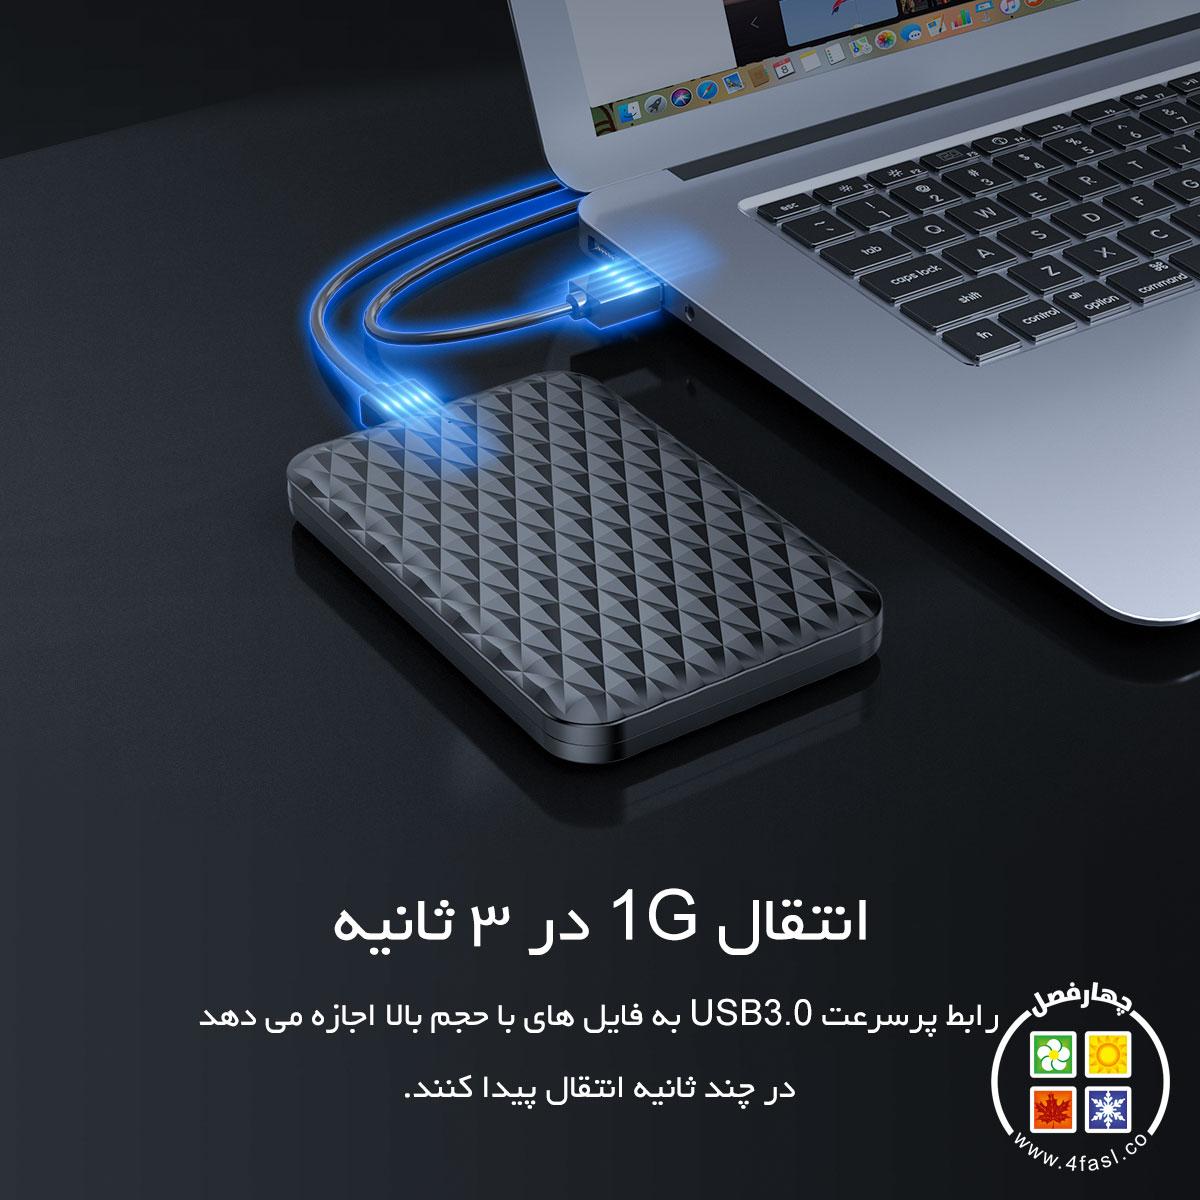 قاب SSD و هارد 2.5 اینچ